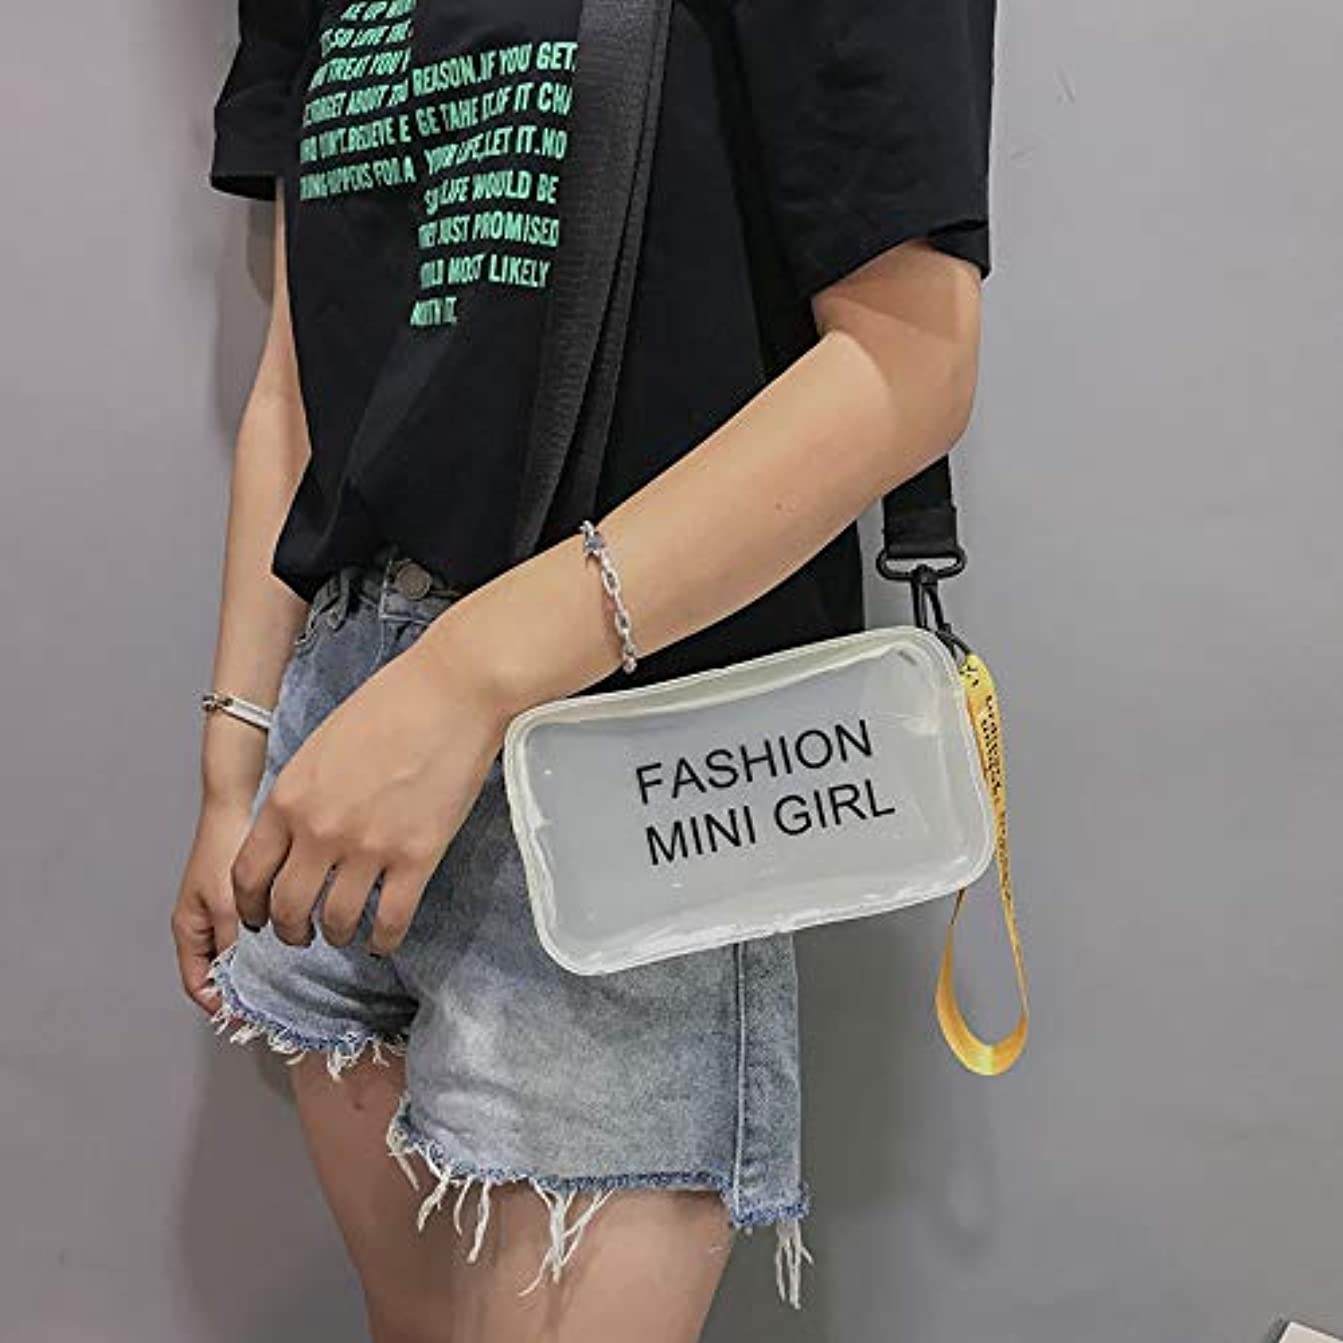 キャラクター寄託失礼女性ファッションゼリー手紙ストリートシンプルデザインショルダーバッグメッセンジャーバッグ、ゼリー手紙メッセンジャーバッグハンドバッグ携帯電話バッグ、ファッション汎用メッセンジャーバッグショルダーバッグハンドバッグ (白)